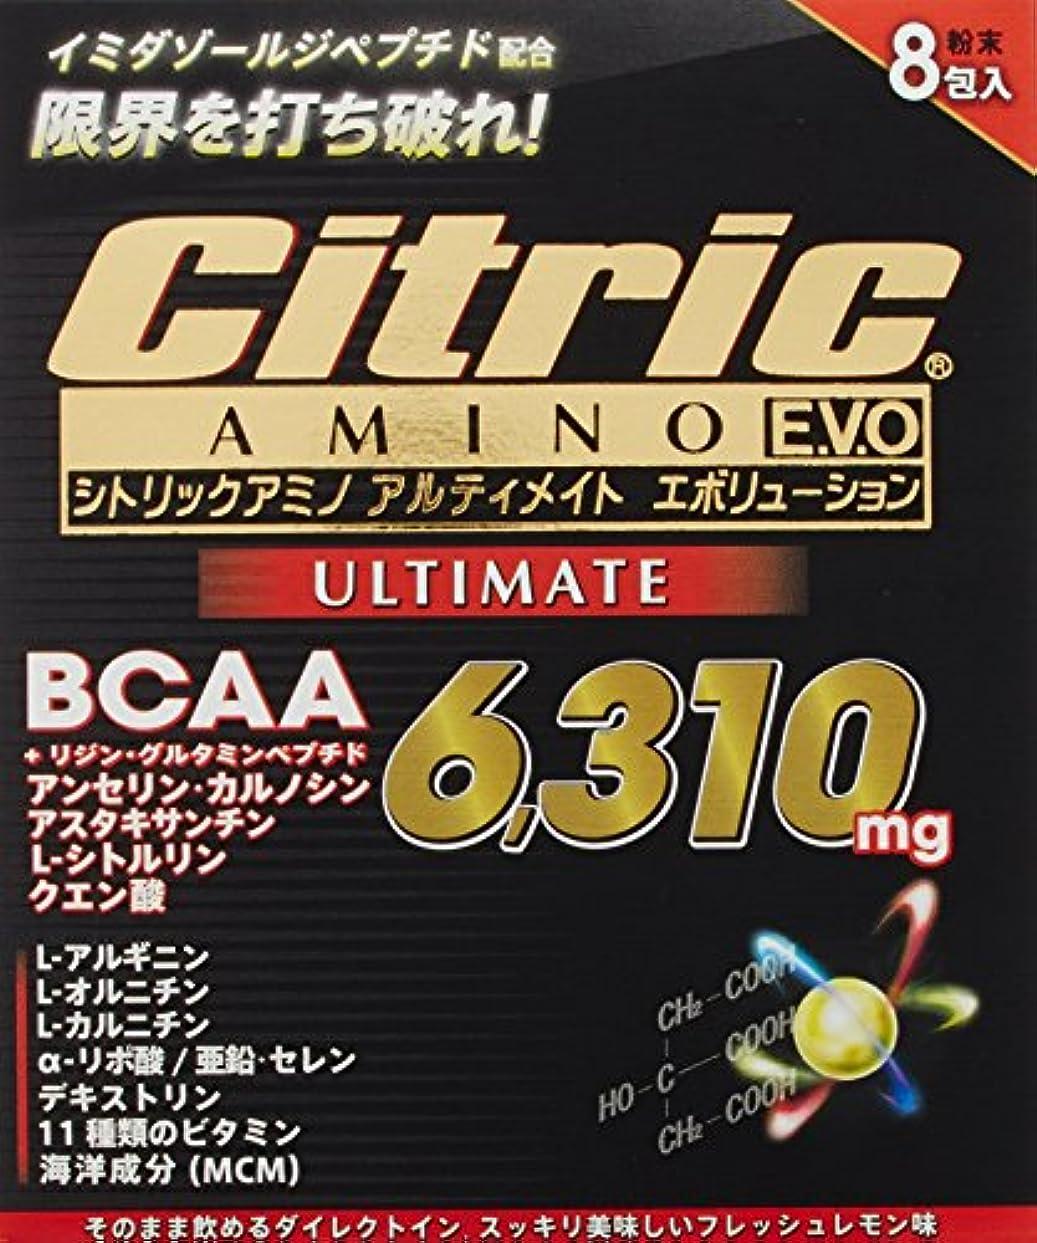 呼吸する説教シャイシトリックアミノ(Citric AMINO) (アスリート向け) アルティメイト エボリューション 7.5g×8袋入  5279